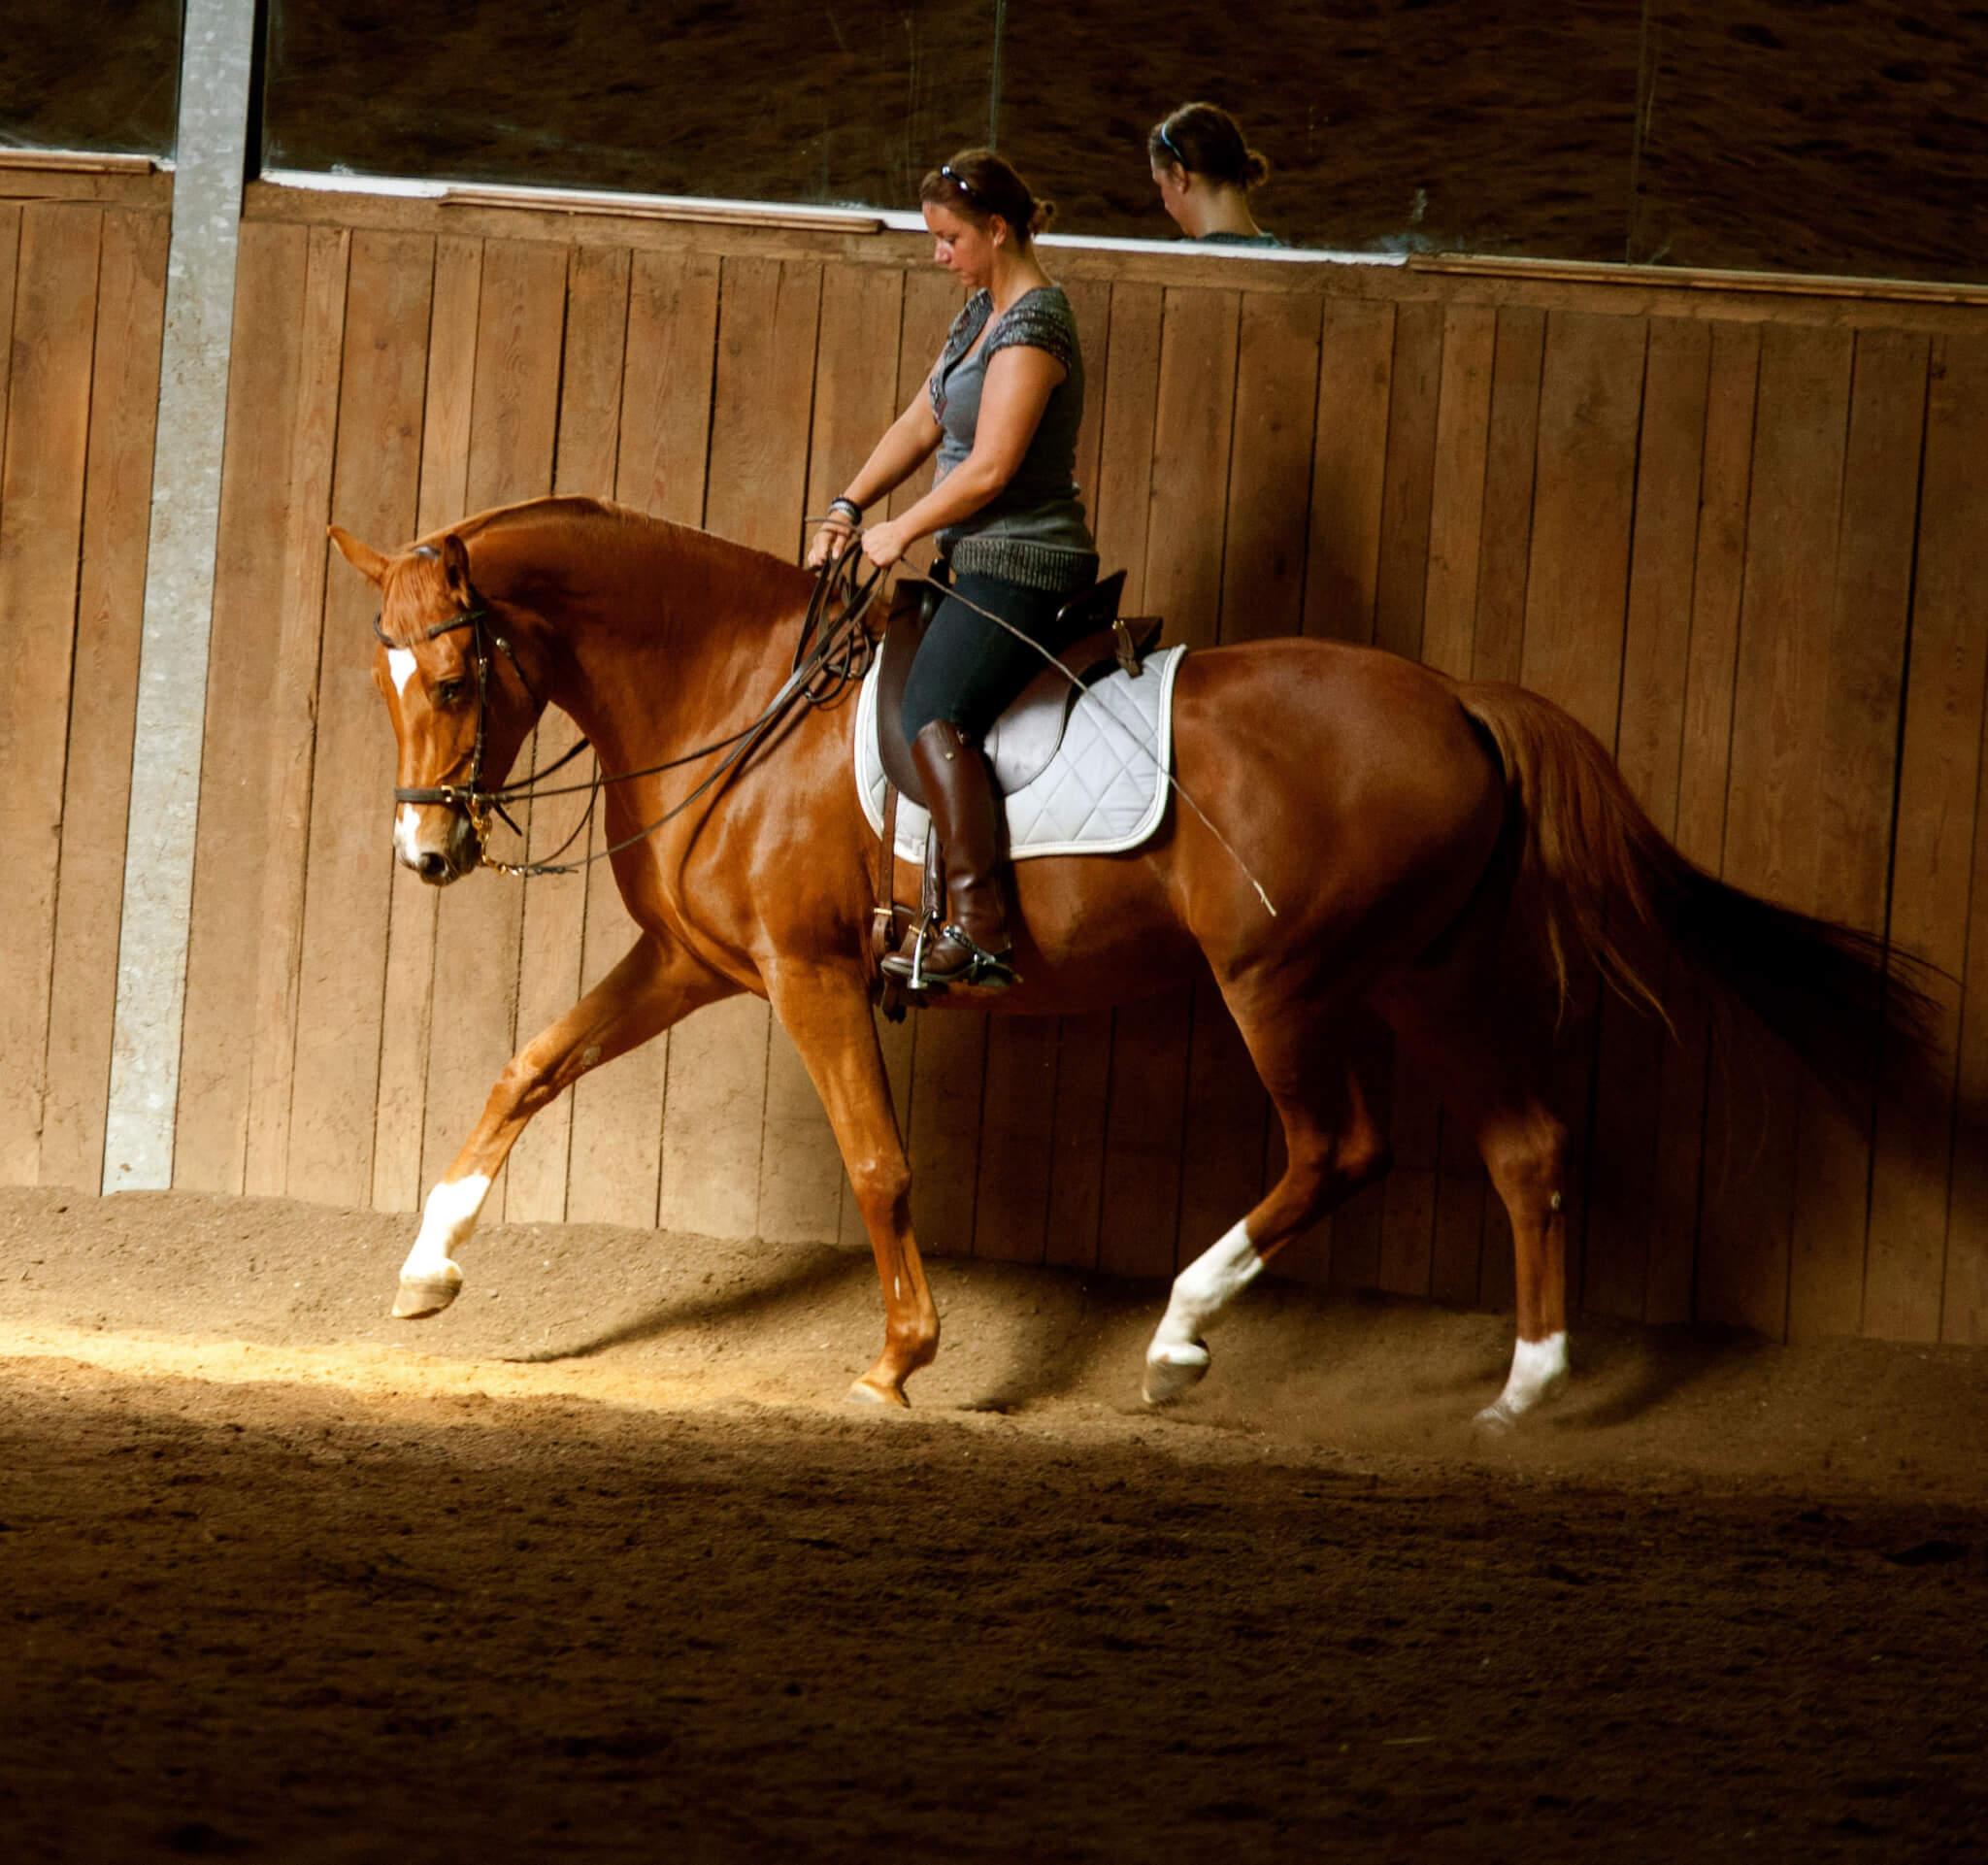 Schubkraft versus Tragkraft  – oder: Reite dein Pferd vorwärts und richte es gerade!